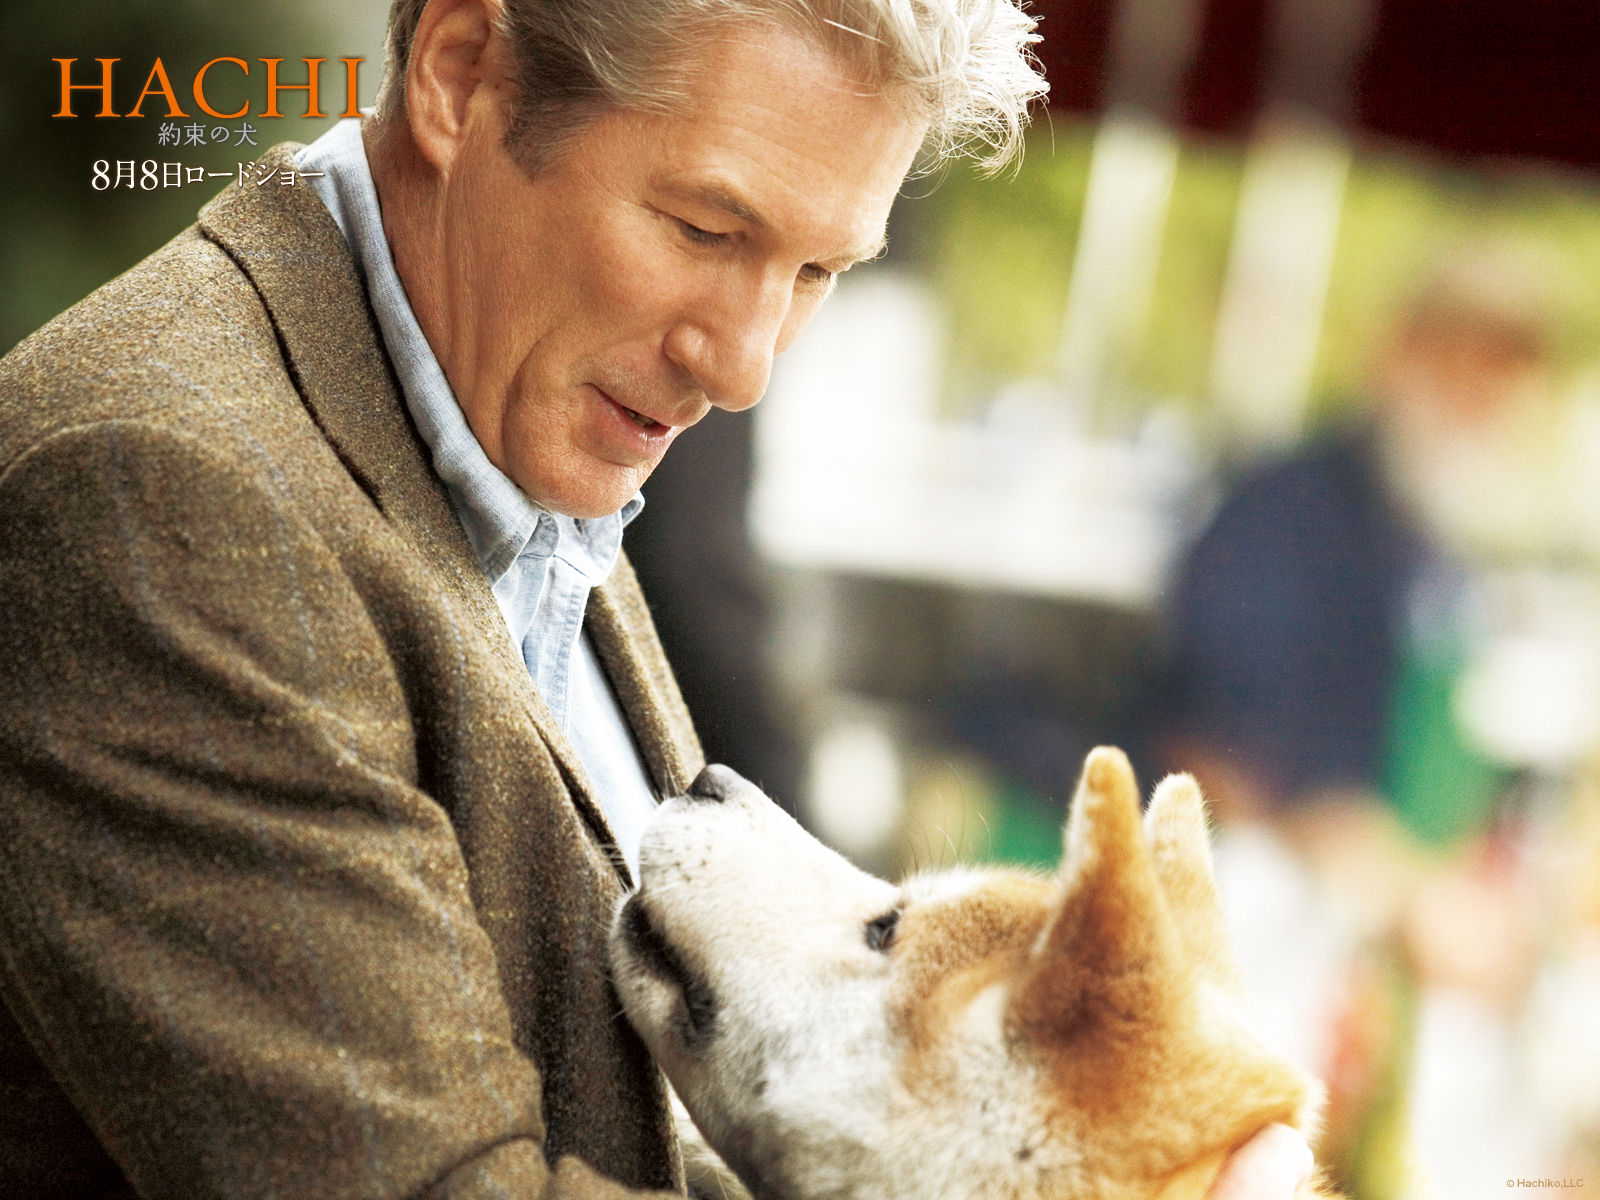 http://1.bp.blogspot.com/_ifpz0ptHf2I/TNihTAMqiHI/AAAAAAAAABk/zOc_LfNqMps/s1600/hachiko_a_dog_s_story02.jpg